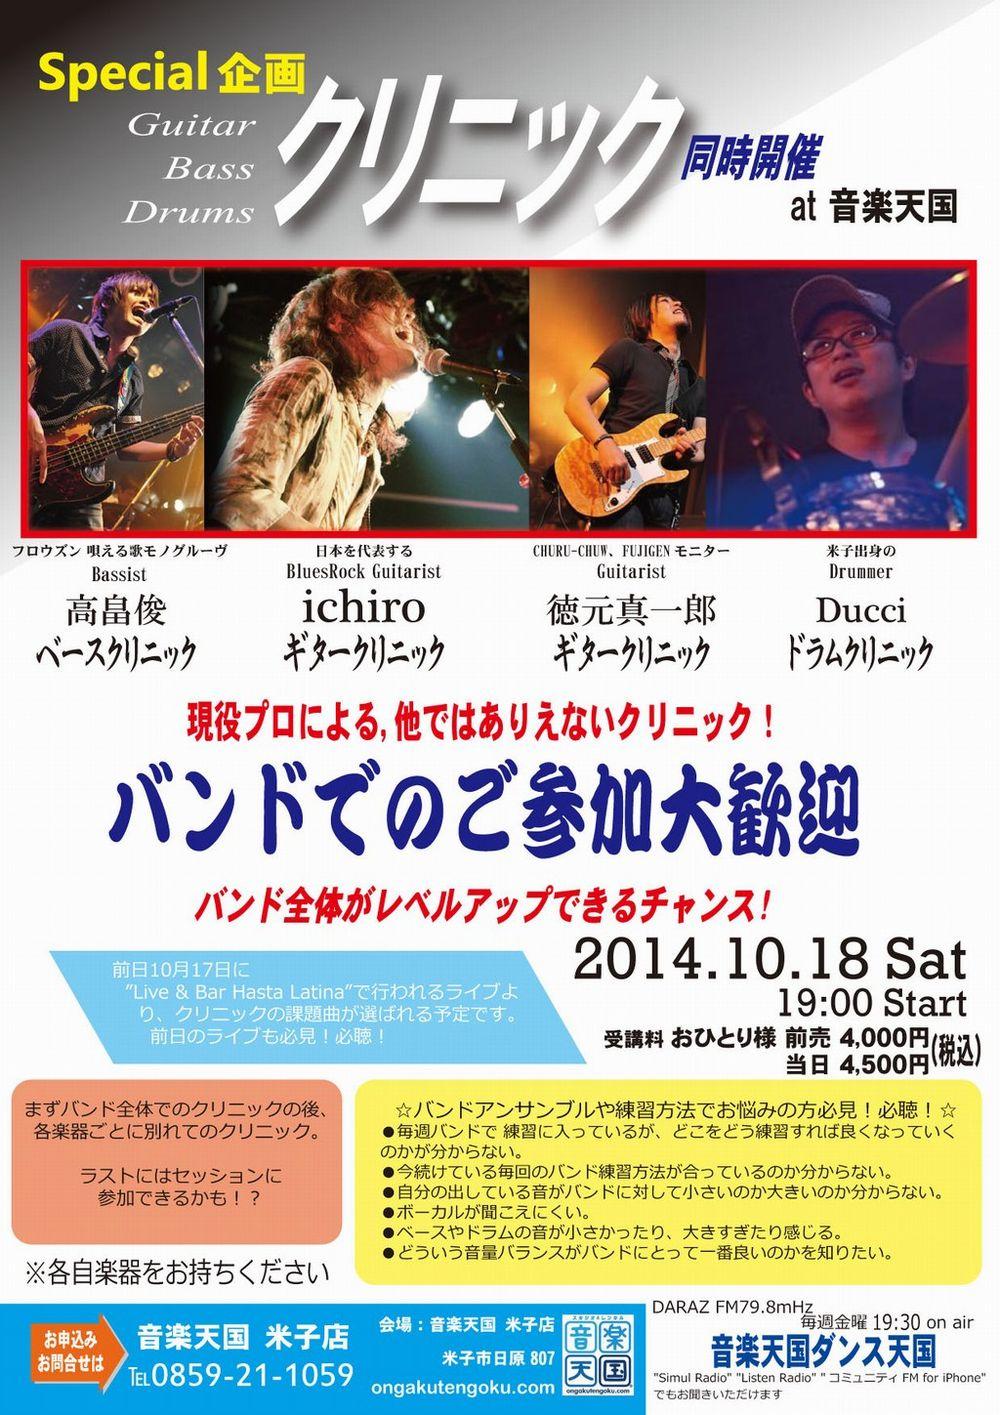 ギター・ベース・ドラムクリニック@音楽天国・米子FS店10月17日(金)同時開催